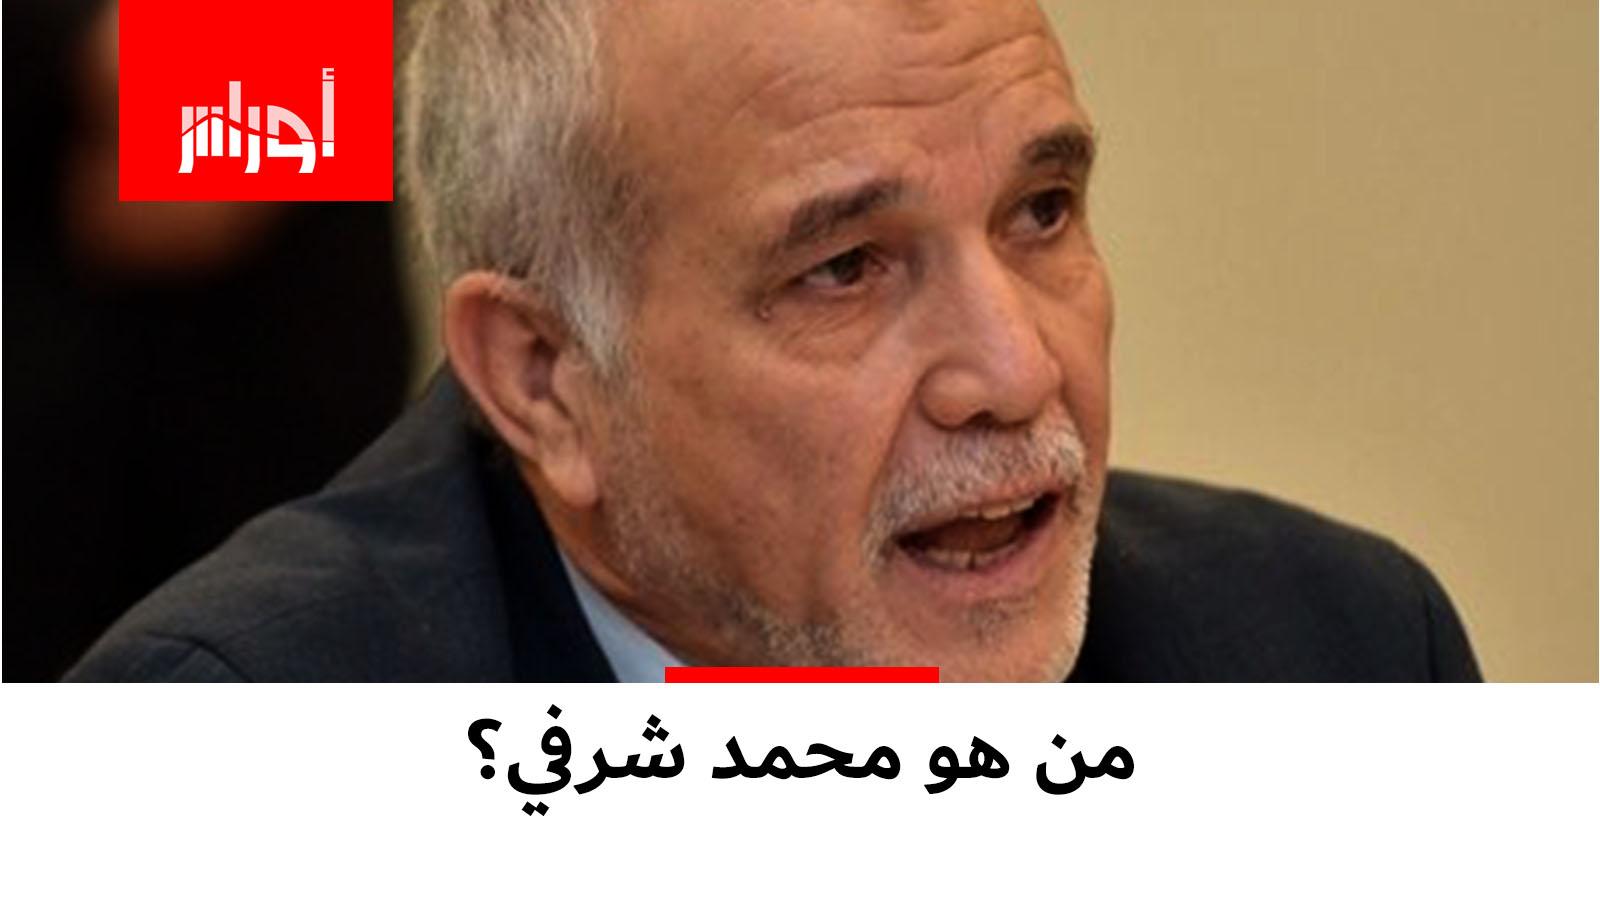 هذا هو محمد شرفي الرئيس الجديد للسلطة المستقلة للانتخابات، وما قصته مع سعداني وشكيب خليل؟